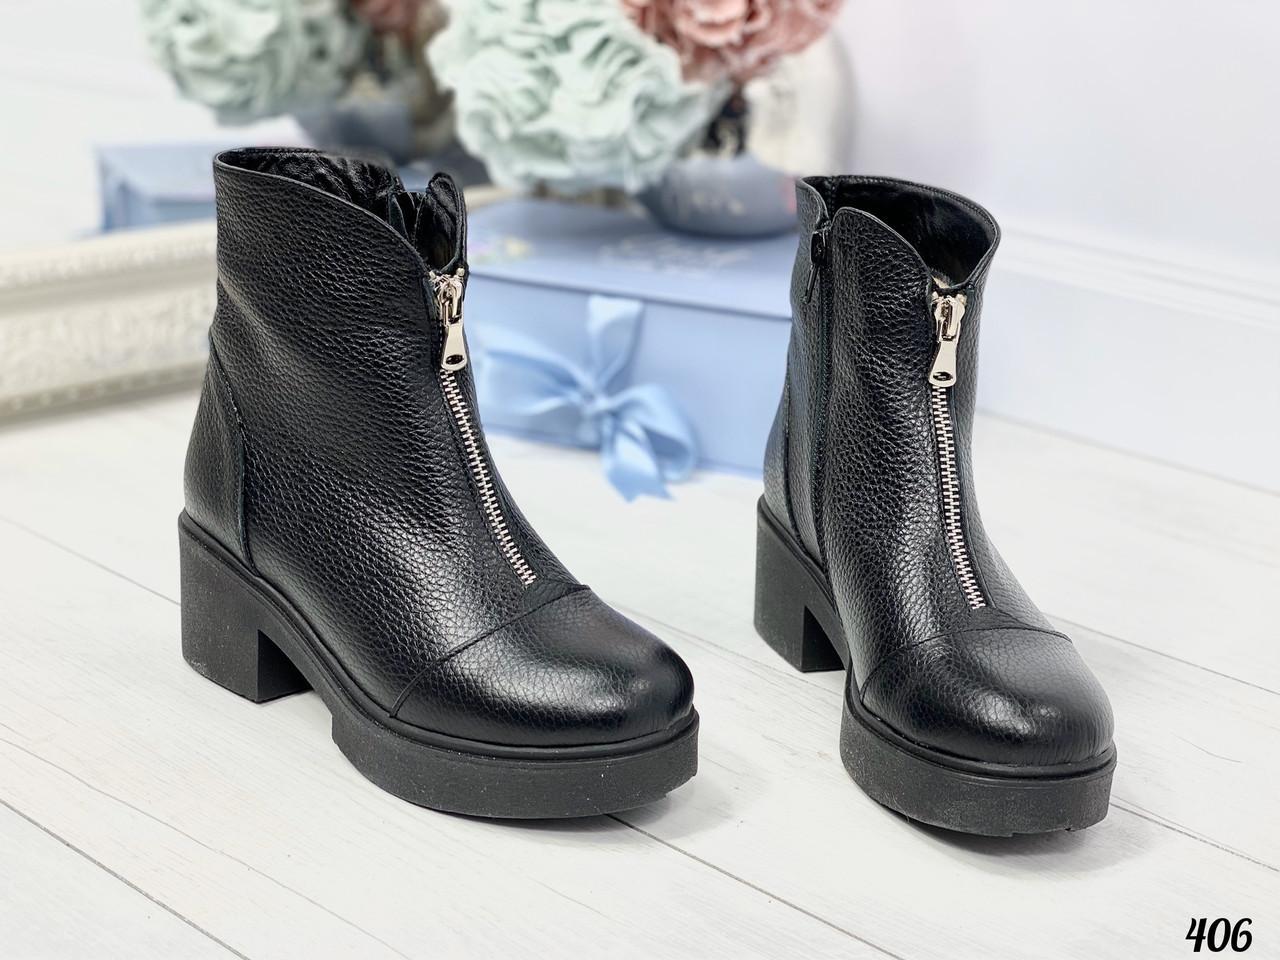 40 р. Ботинки женские зимние черные кожаные на среднем каблуке, из натуральной кожи, натуральная кожа